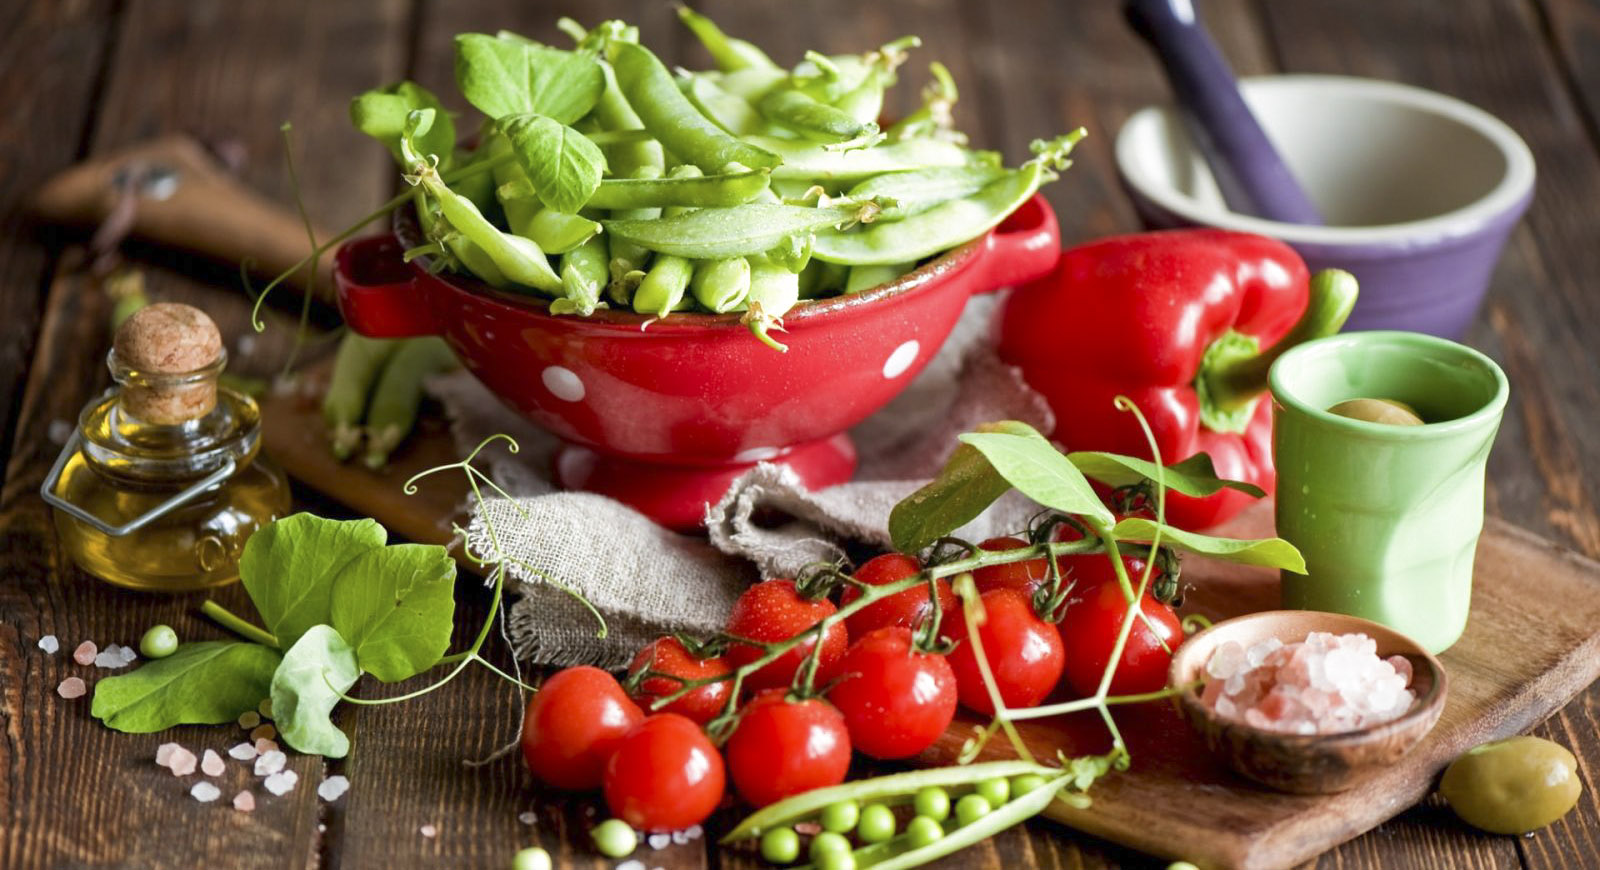 Thực phẩm đa dạng giúp tăng cảm giác ngon miệng